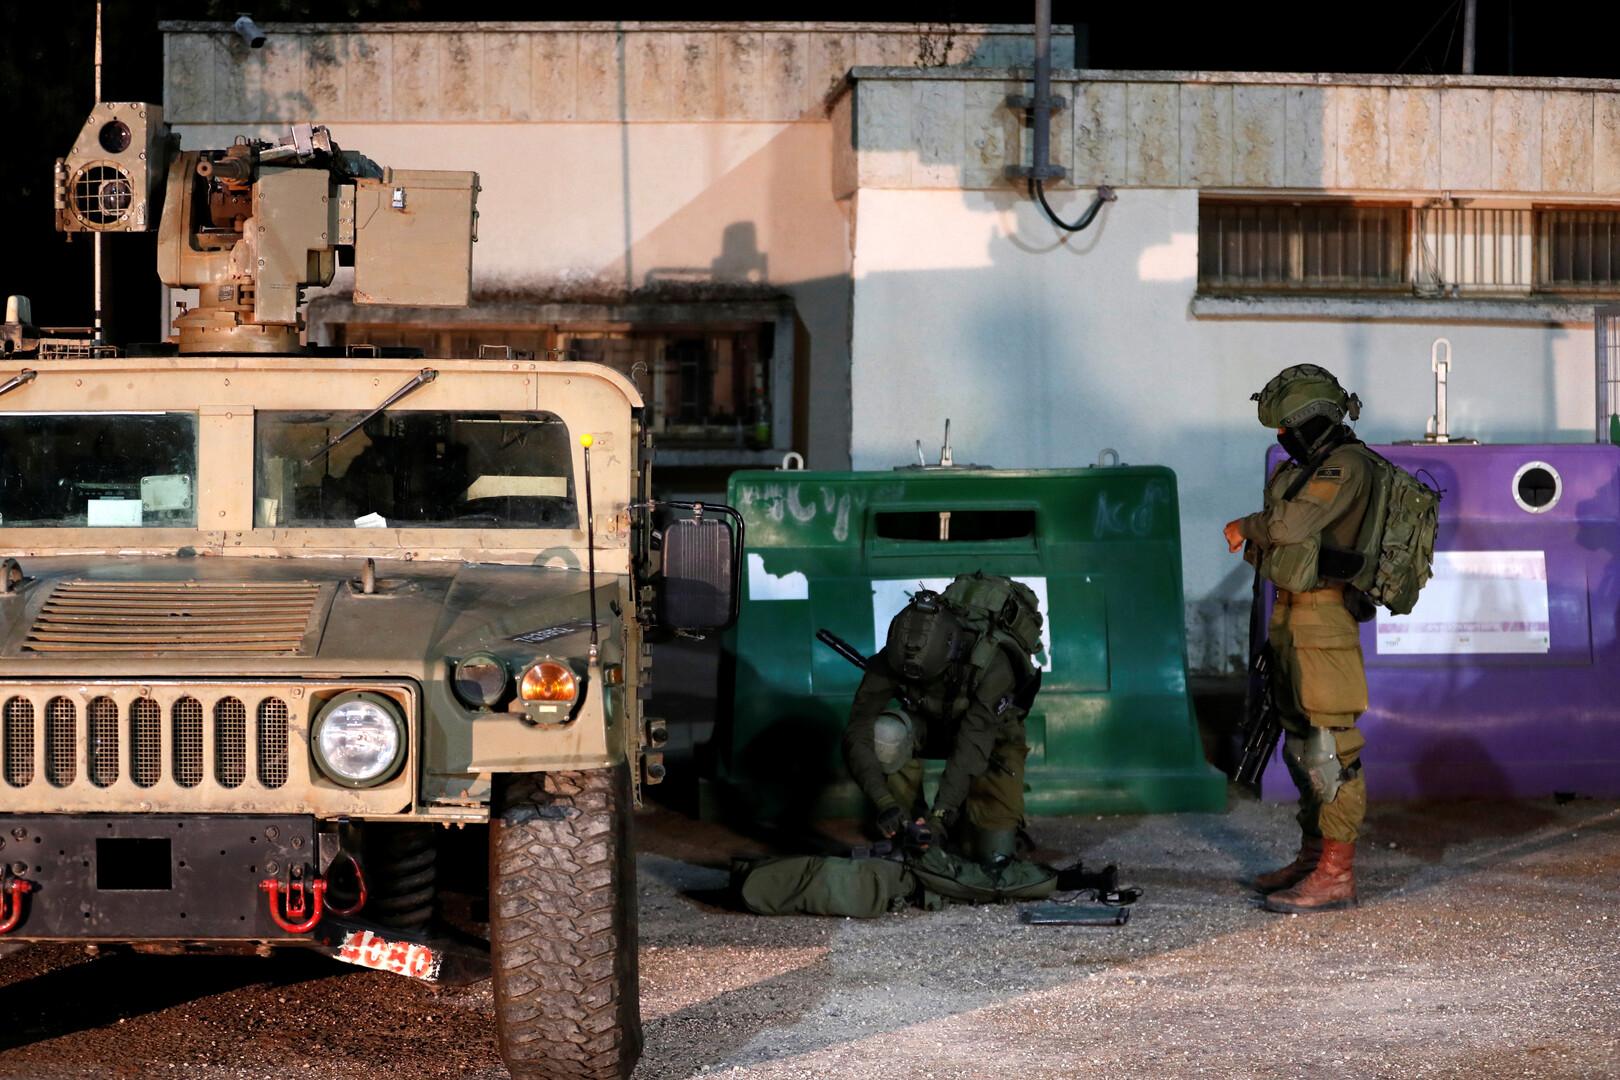 إذاعة الجيش الإسرائيلي: كانت تفصلنا 30 دقيقة عن الحرب